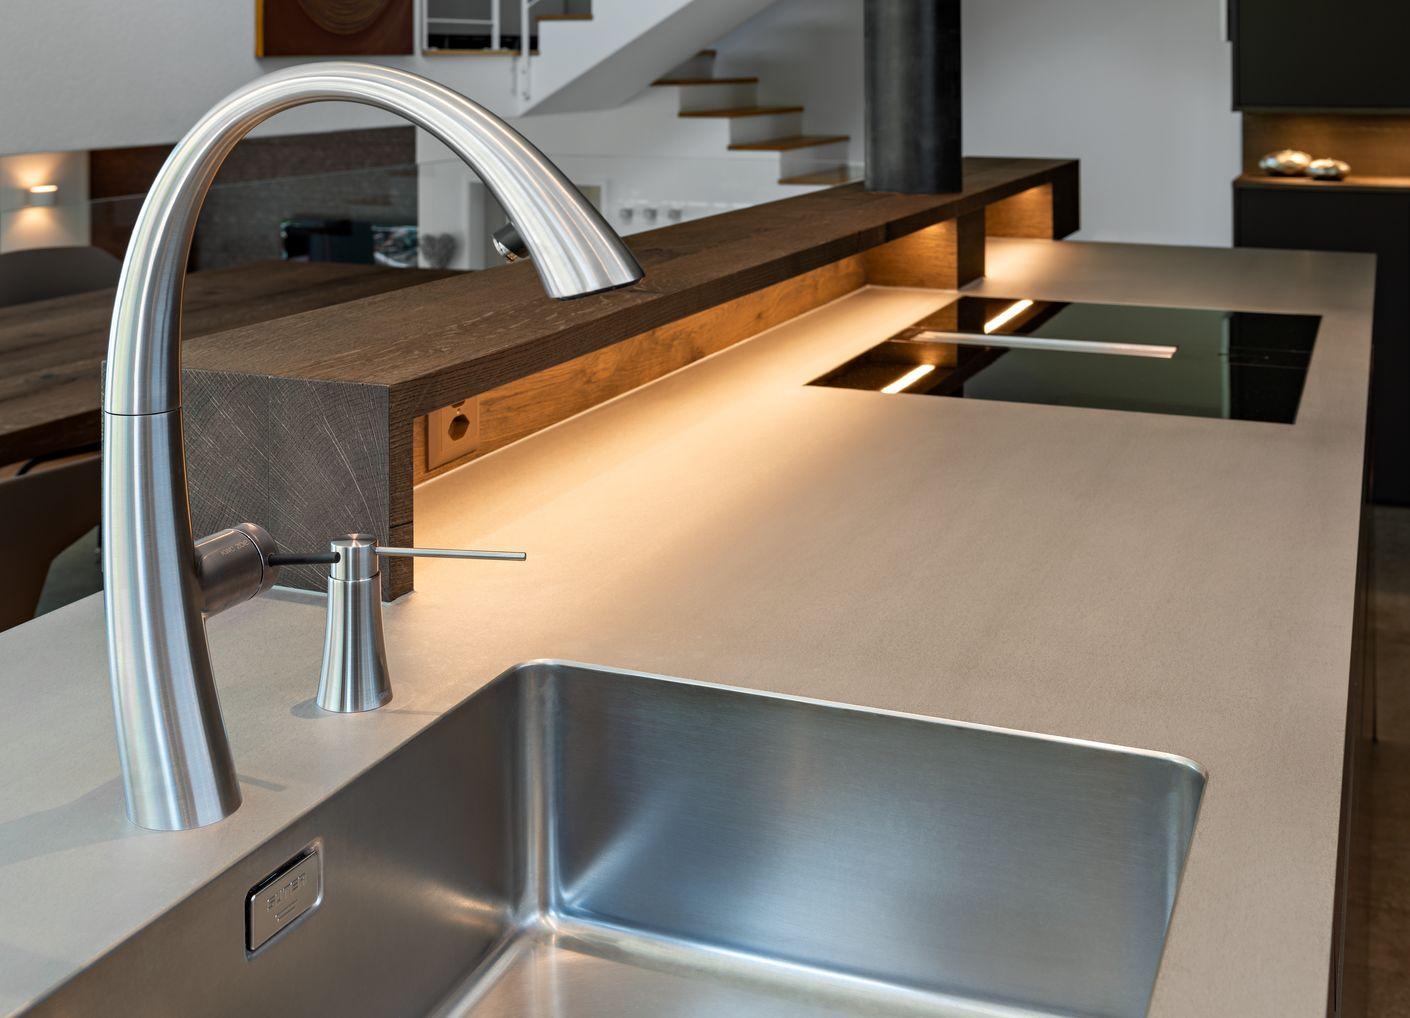 Ein Blickfang ist die anmutige Armatur ZOE mit dem Seifenspender im gleichen Design. Das dimmbare Licht an der Theke beleuchtet die Arbeitsfläche mit dem BORA Kochfeld.